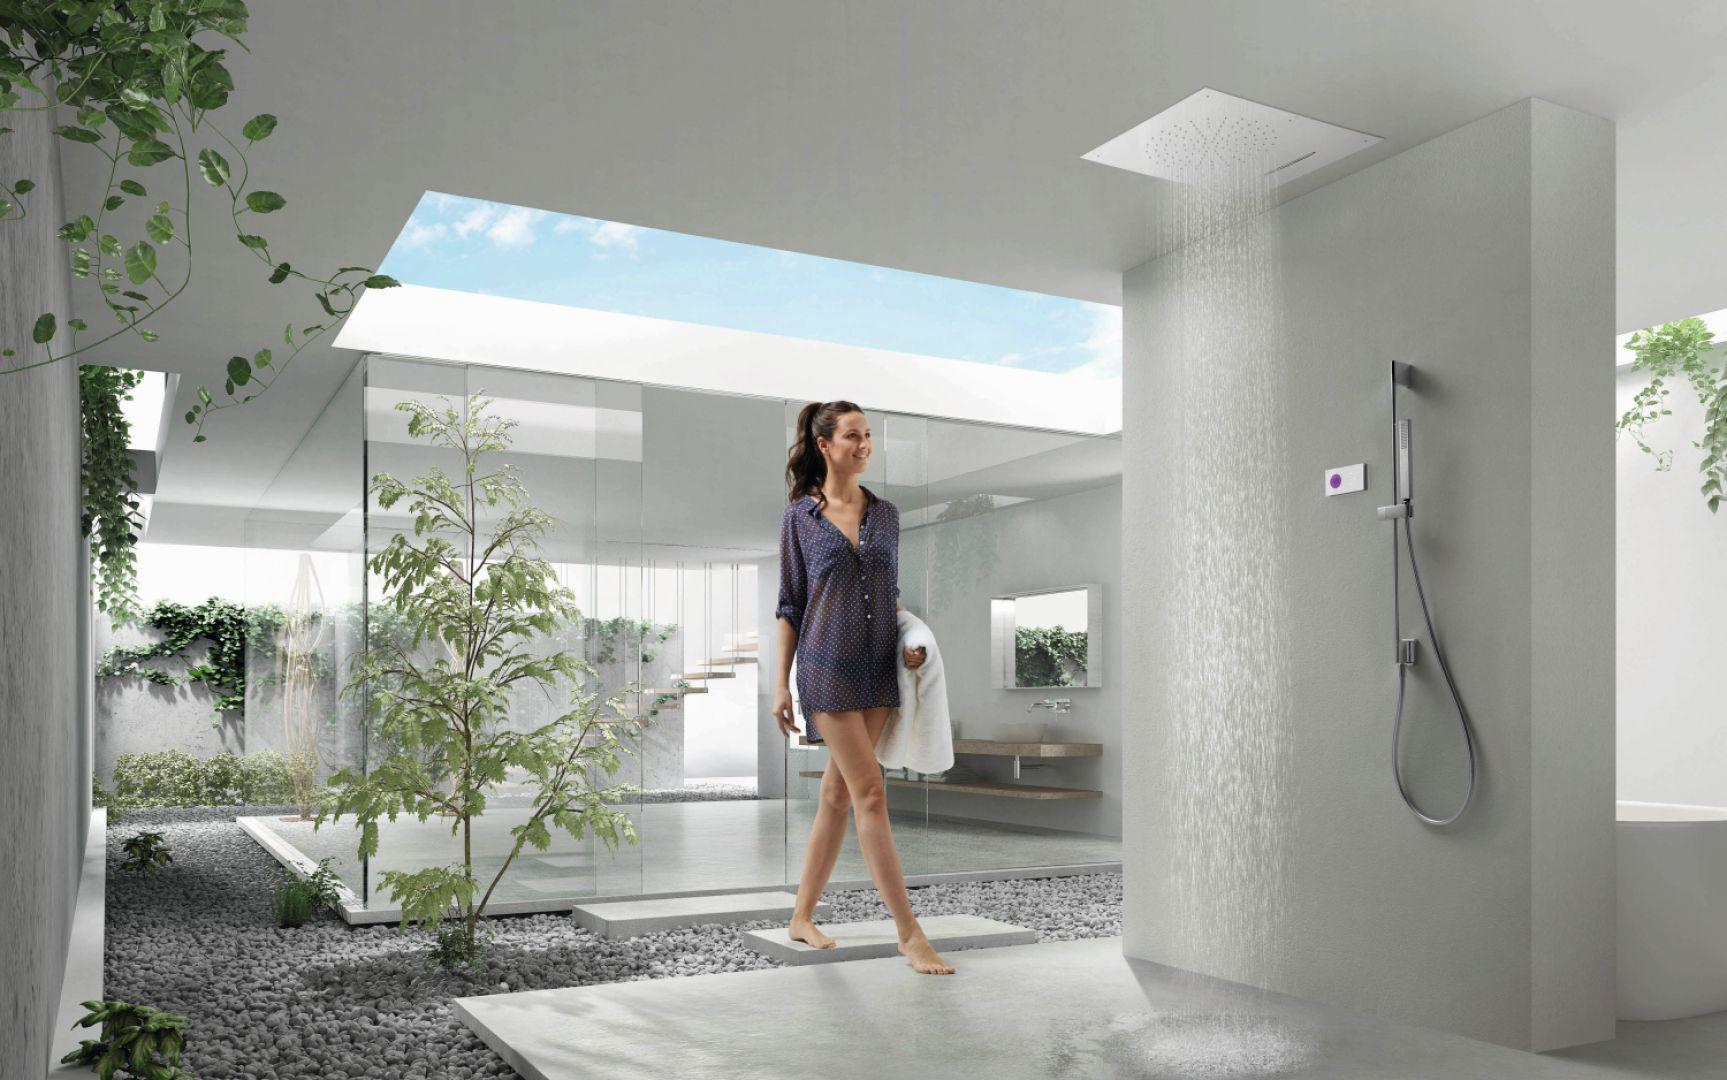 Termostatyczny, elektroniczny zestaw prysznicowy Shower Technology z grupy produktów Tres Exclusive do montażu podtynkowego to idealny przykład zdobywających coraz większą popularność baterii termostatycznych. Fot. Tres